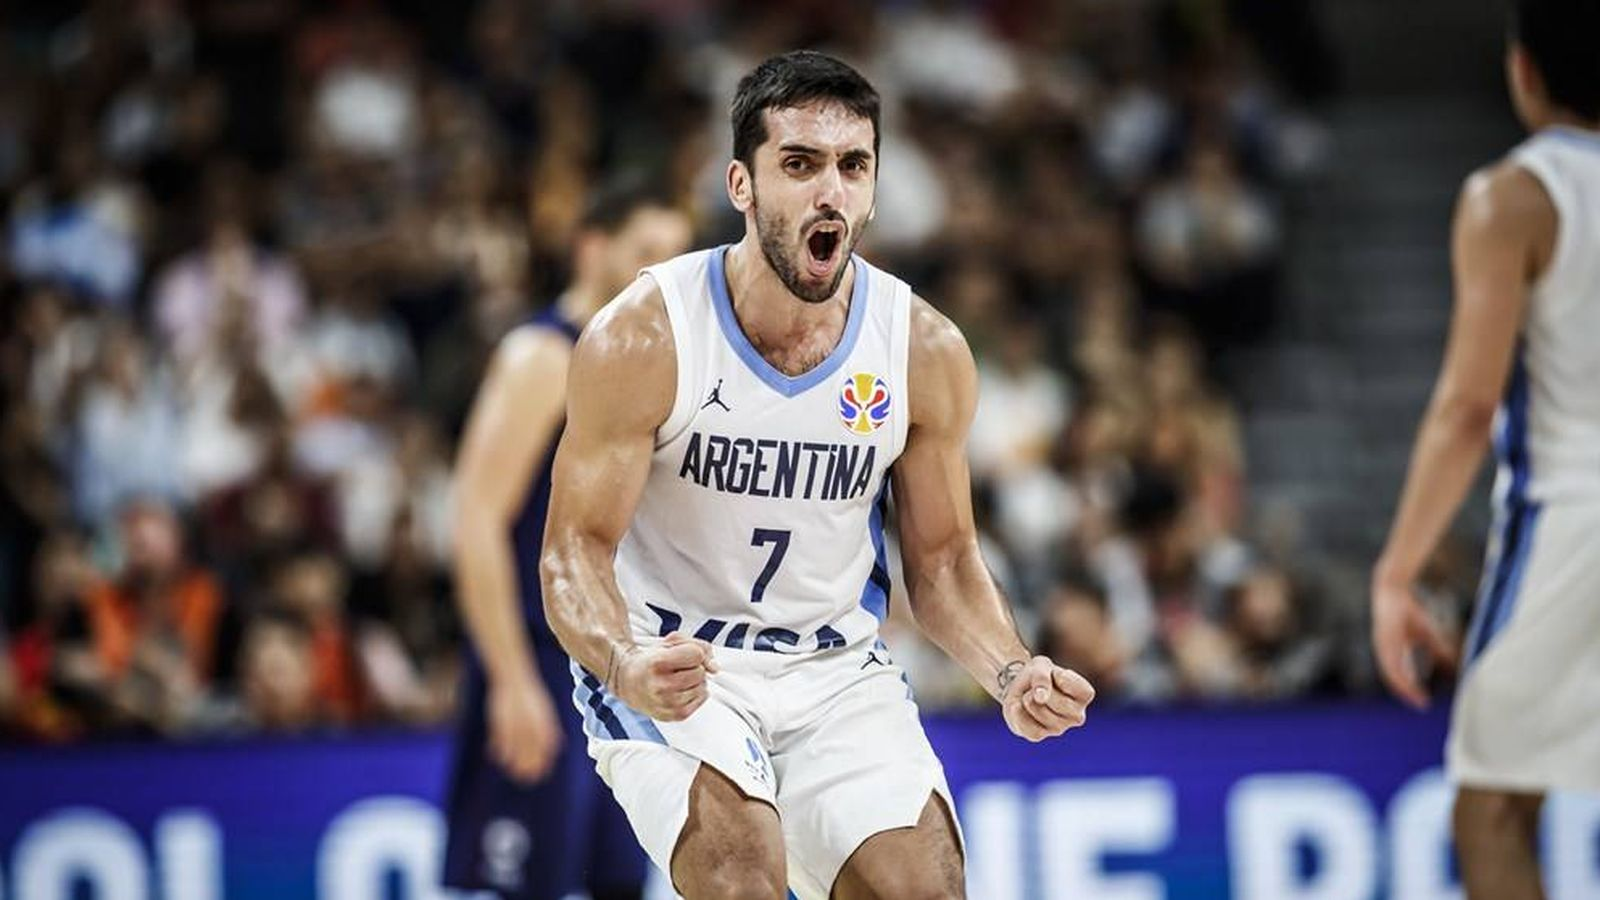 Foto: Campazzo celebrando una canasta de los suyos. (Foto: FIBA)